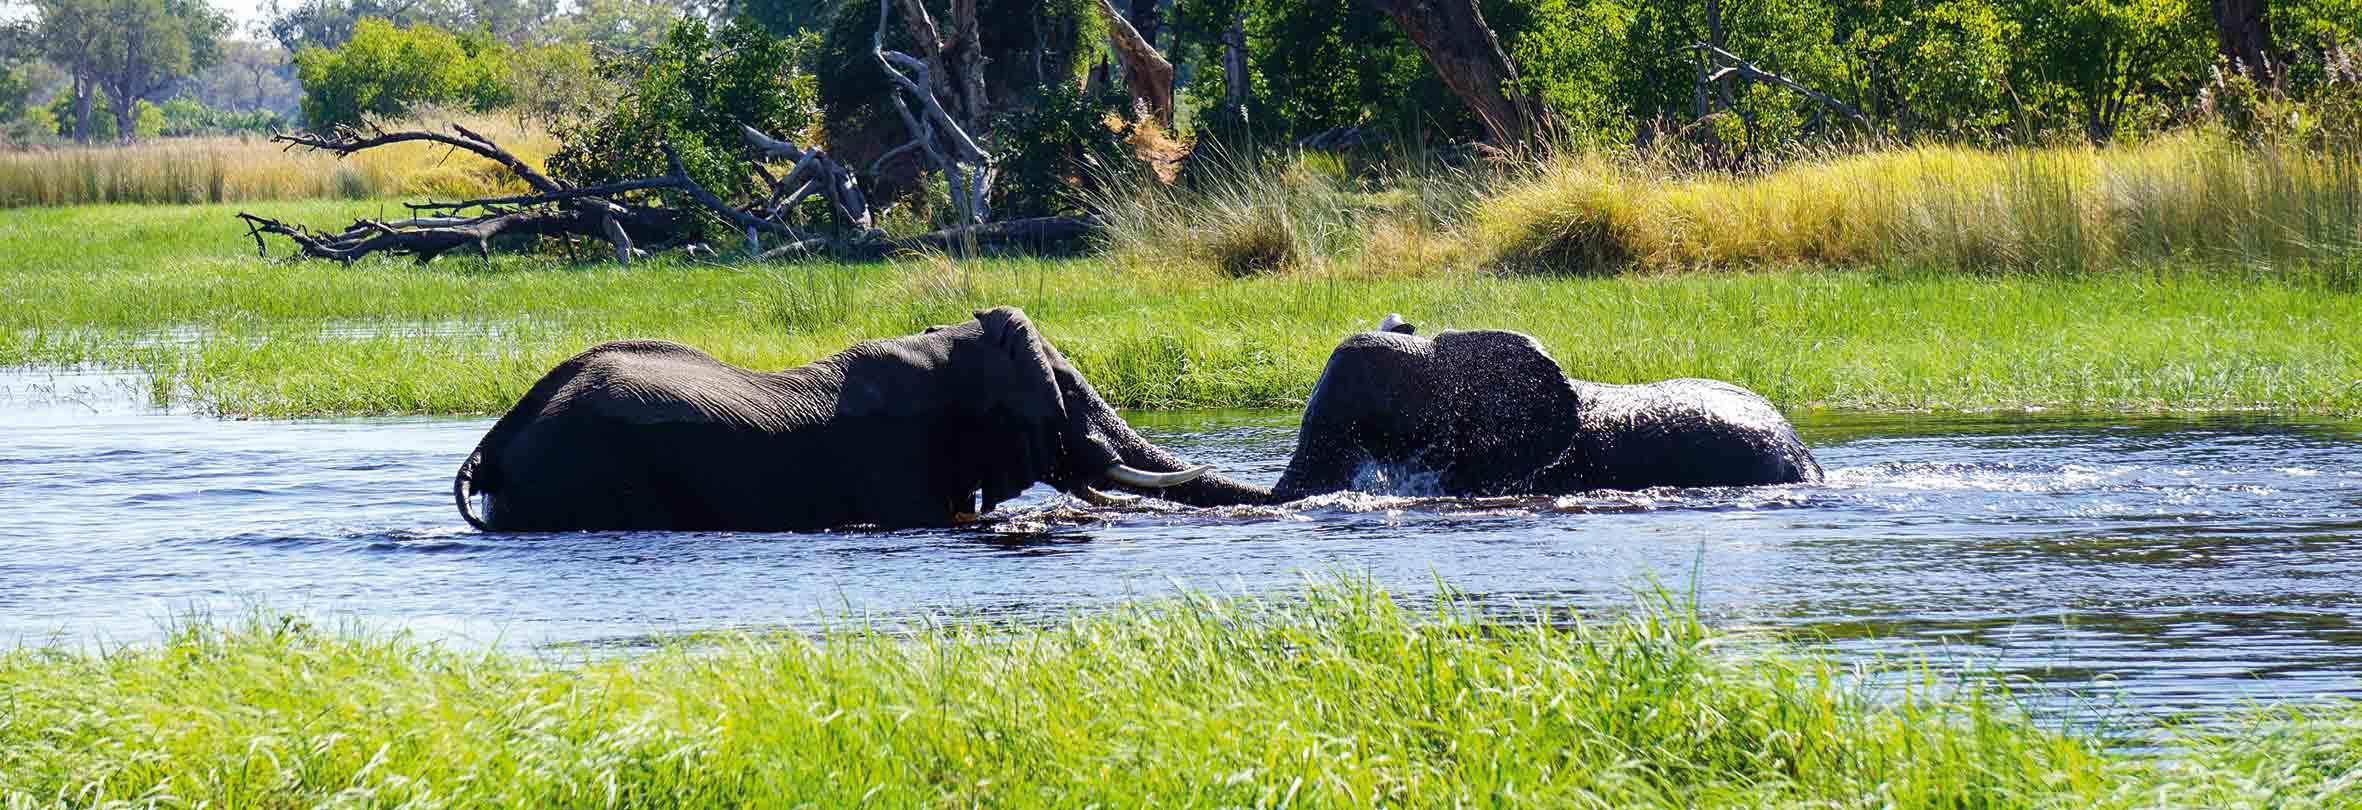 Spielende Elefanten im Okawango-Delta